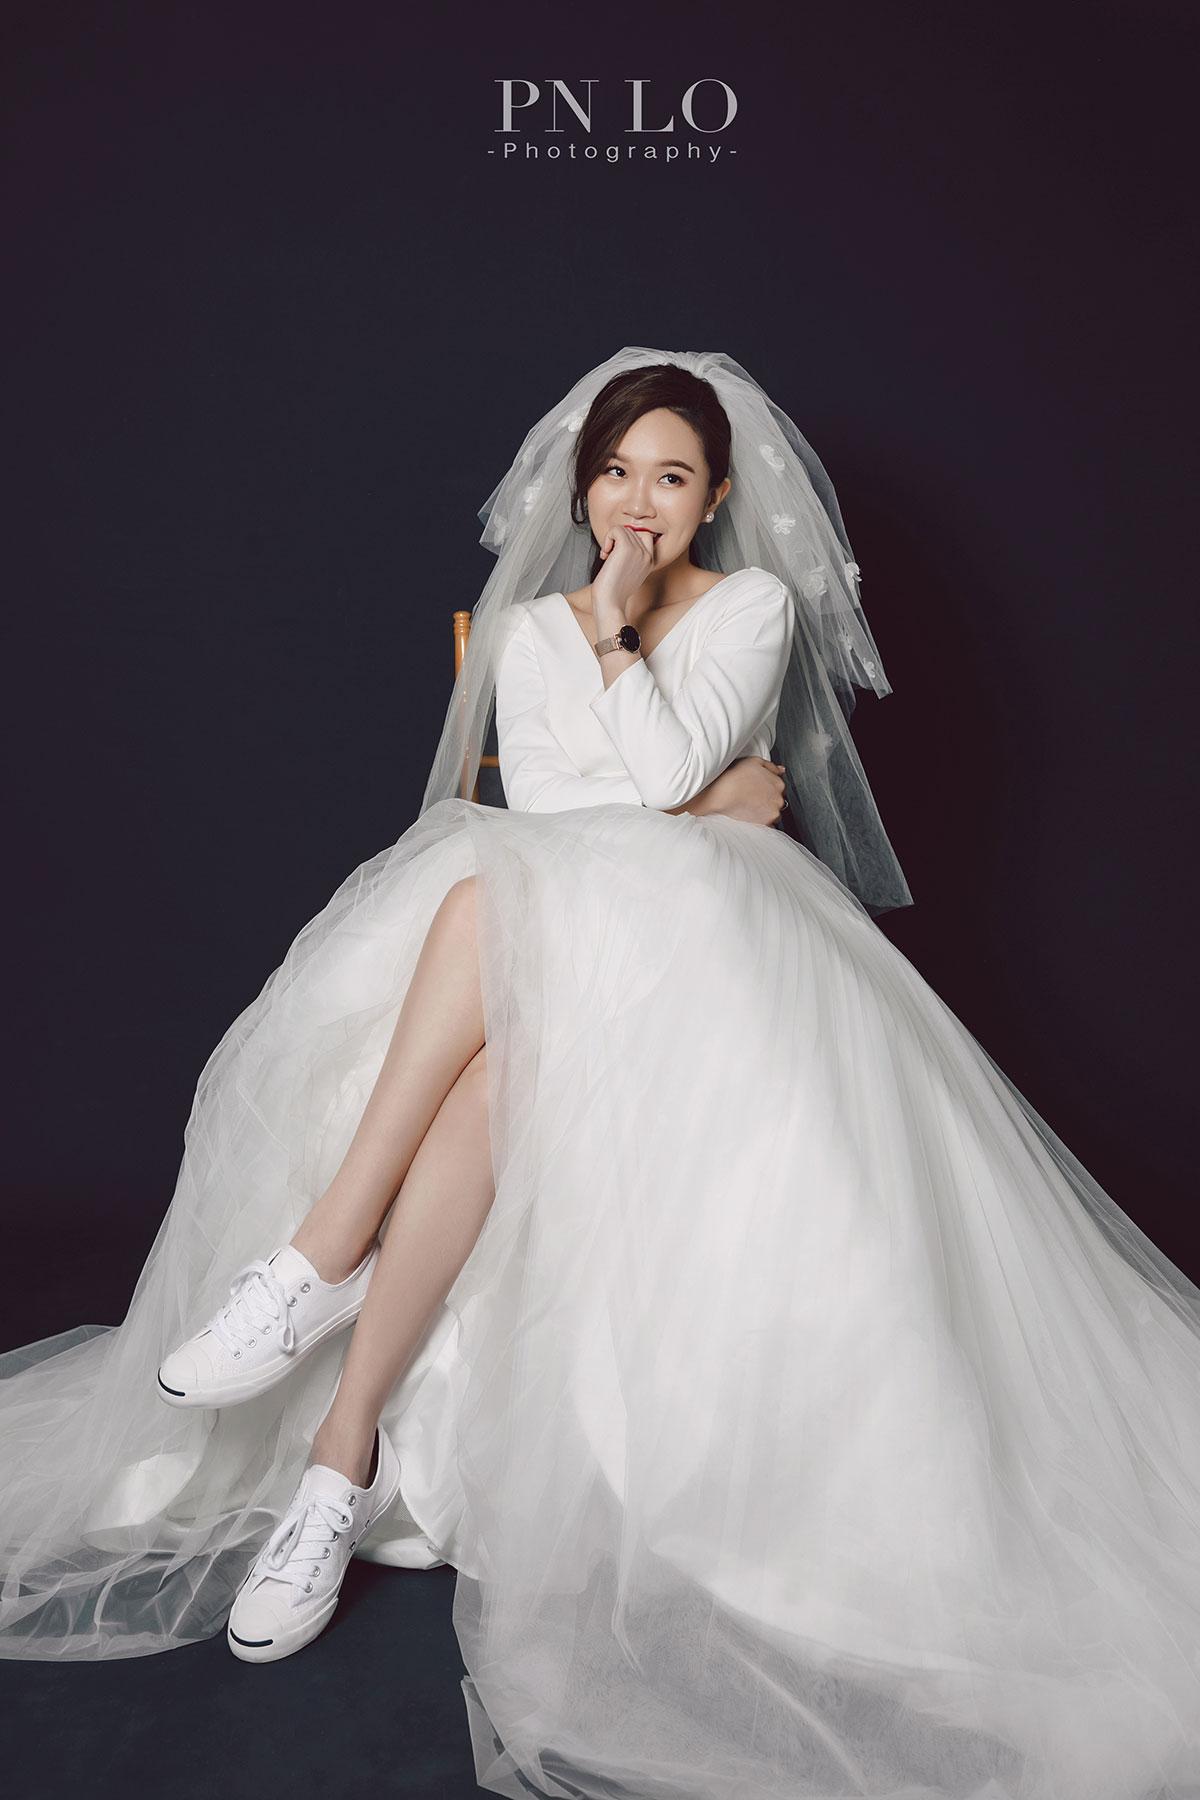 冉冉婚紗 - 裴妮 台中拍婚紗 素色背景-白紗頭紗